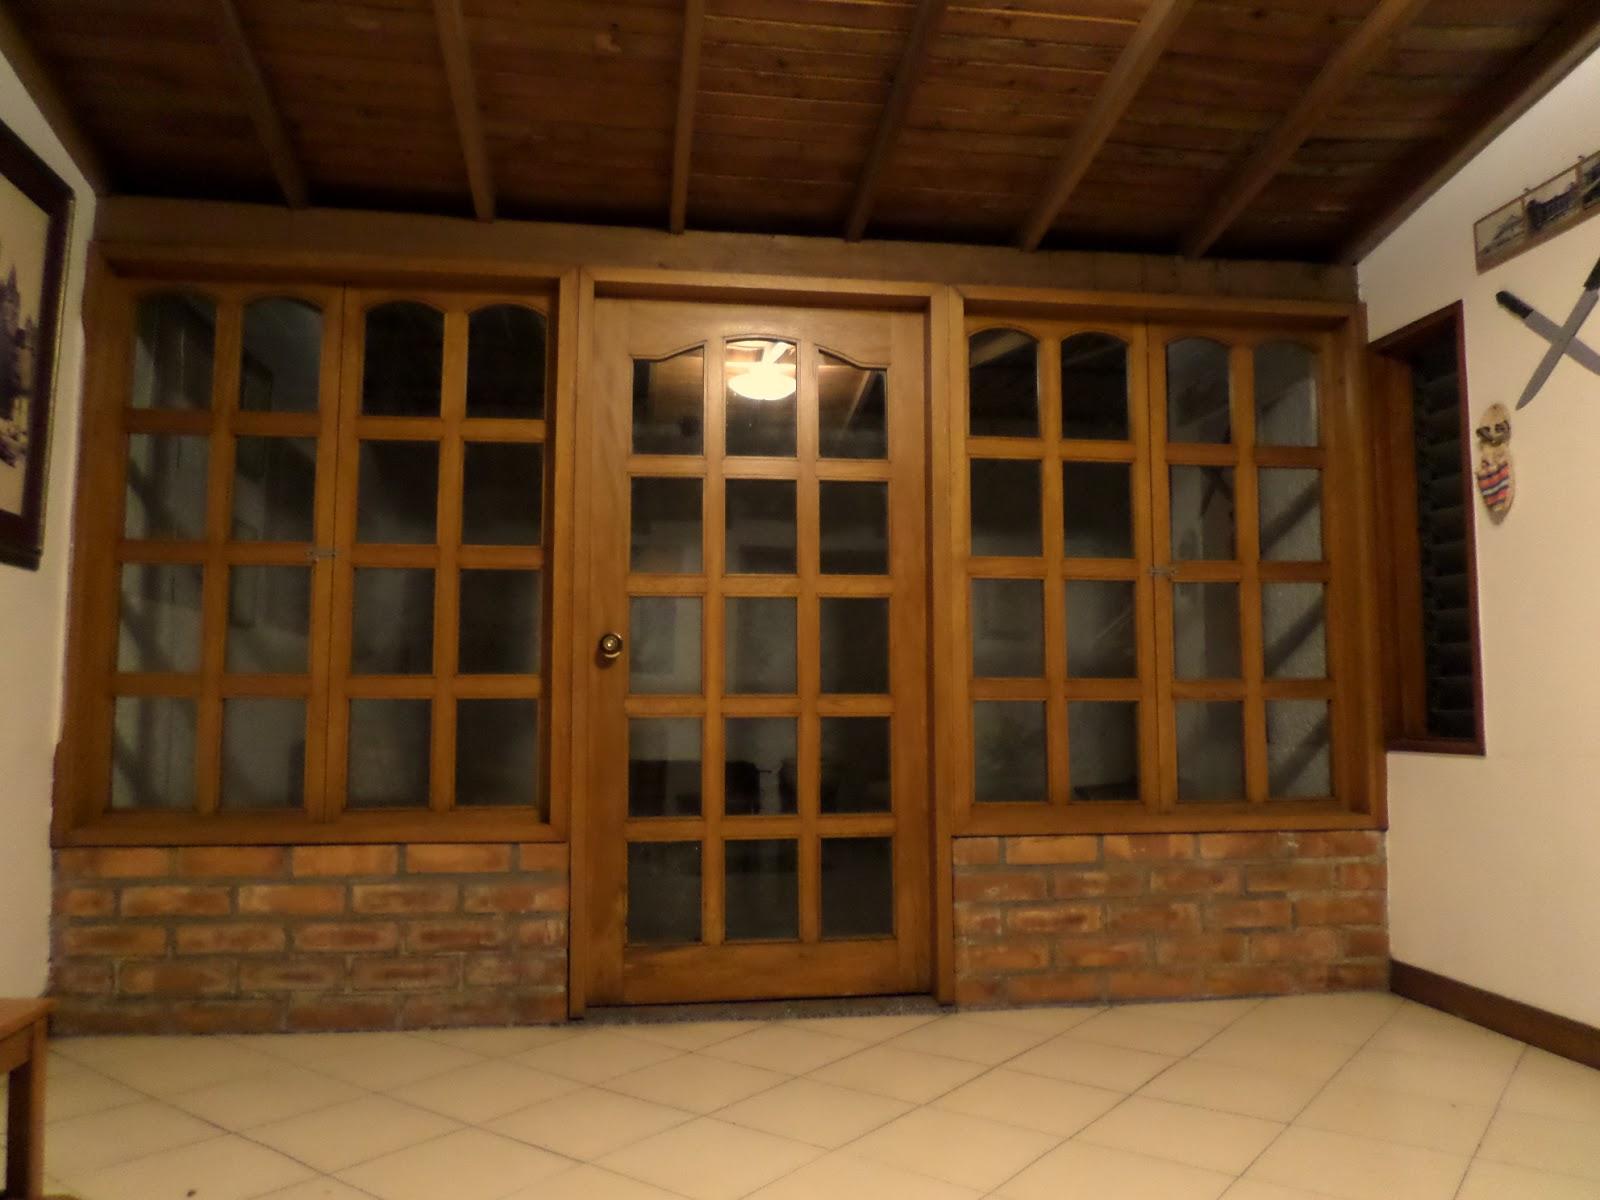 Puertas Y Cocinas Medellin Decoraci N En Madera Para Casa